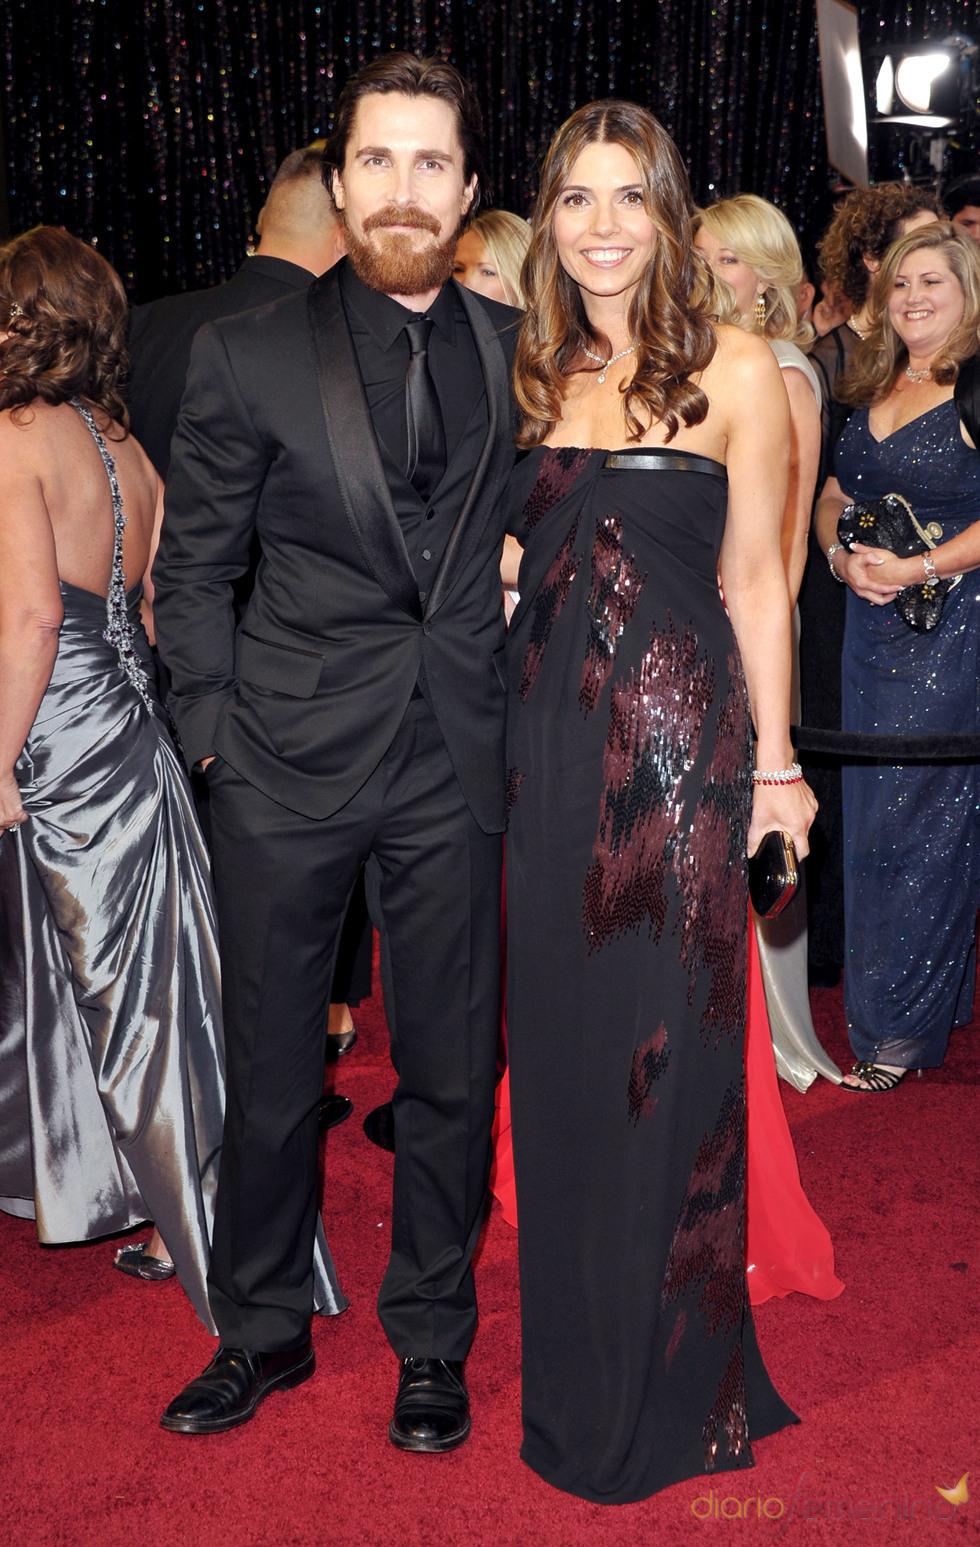 Christian Bale y su mujer Sibi Bale en la alfombra roja de los Oscar 2011